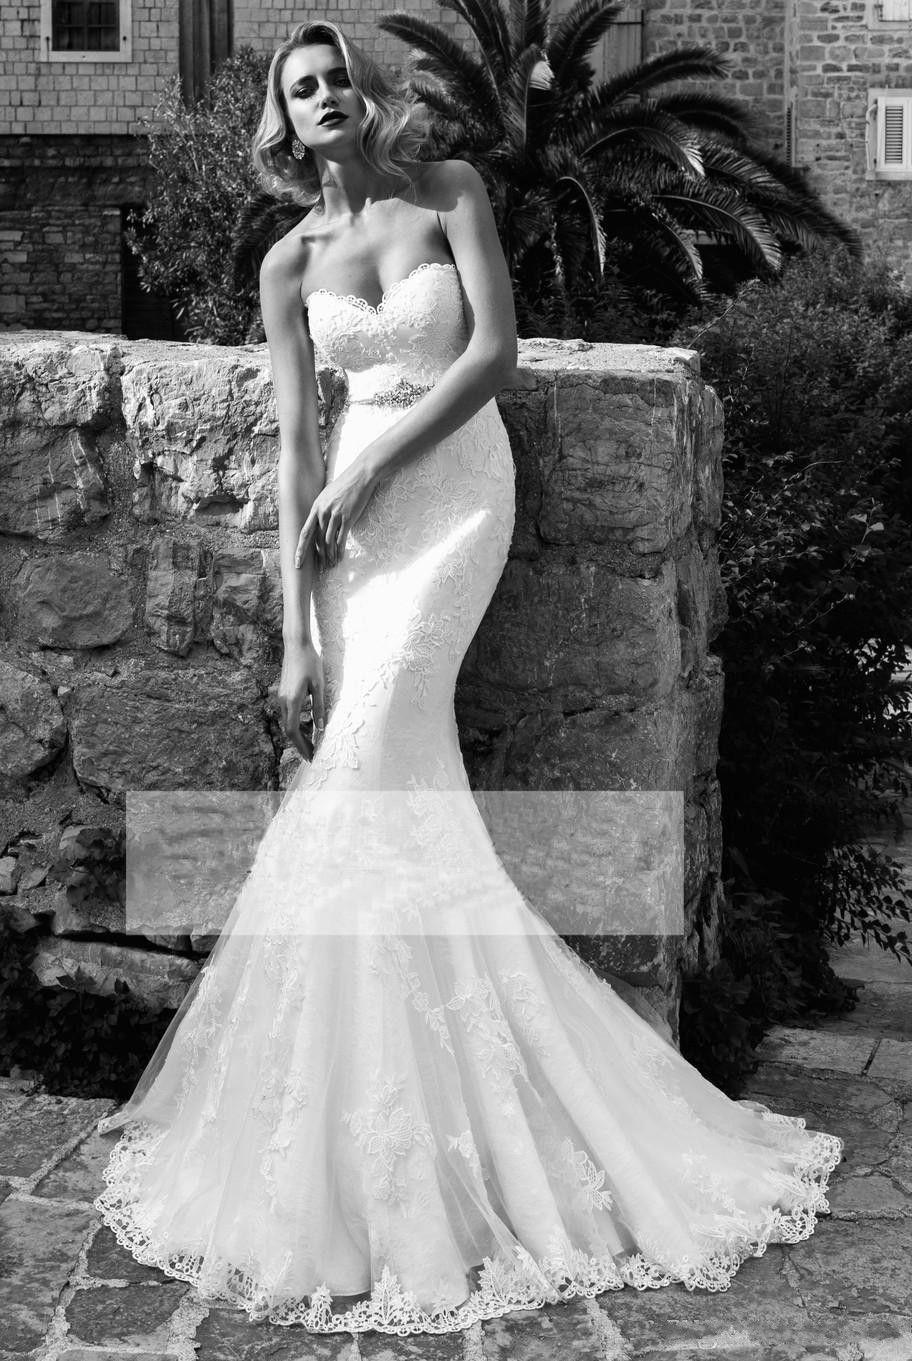 2018 sexy encaje de la sirena vestidos de novia apliques sin tirantes con cuentas cinturón de cristal sexy corsé más el tamaño vestidos de novia modestos vestidos de la novia ba7406